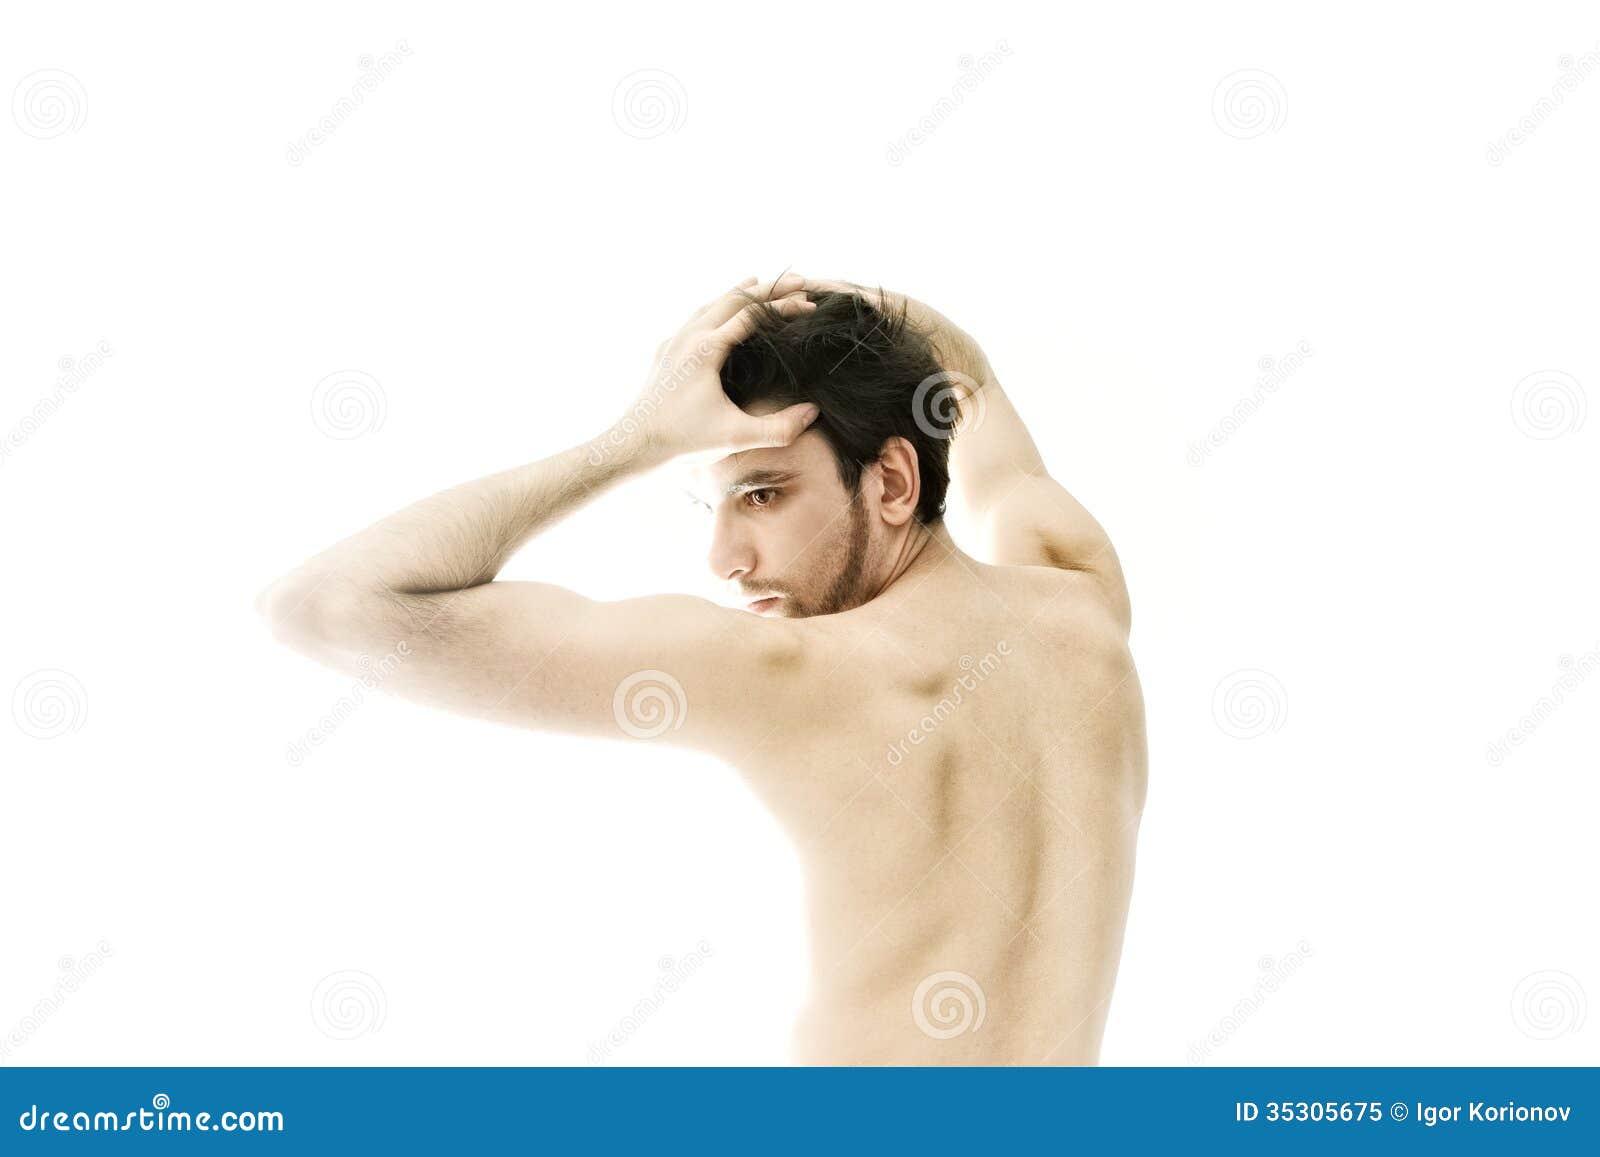 Naked dancing man